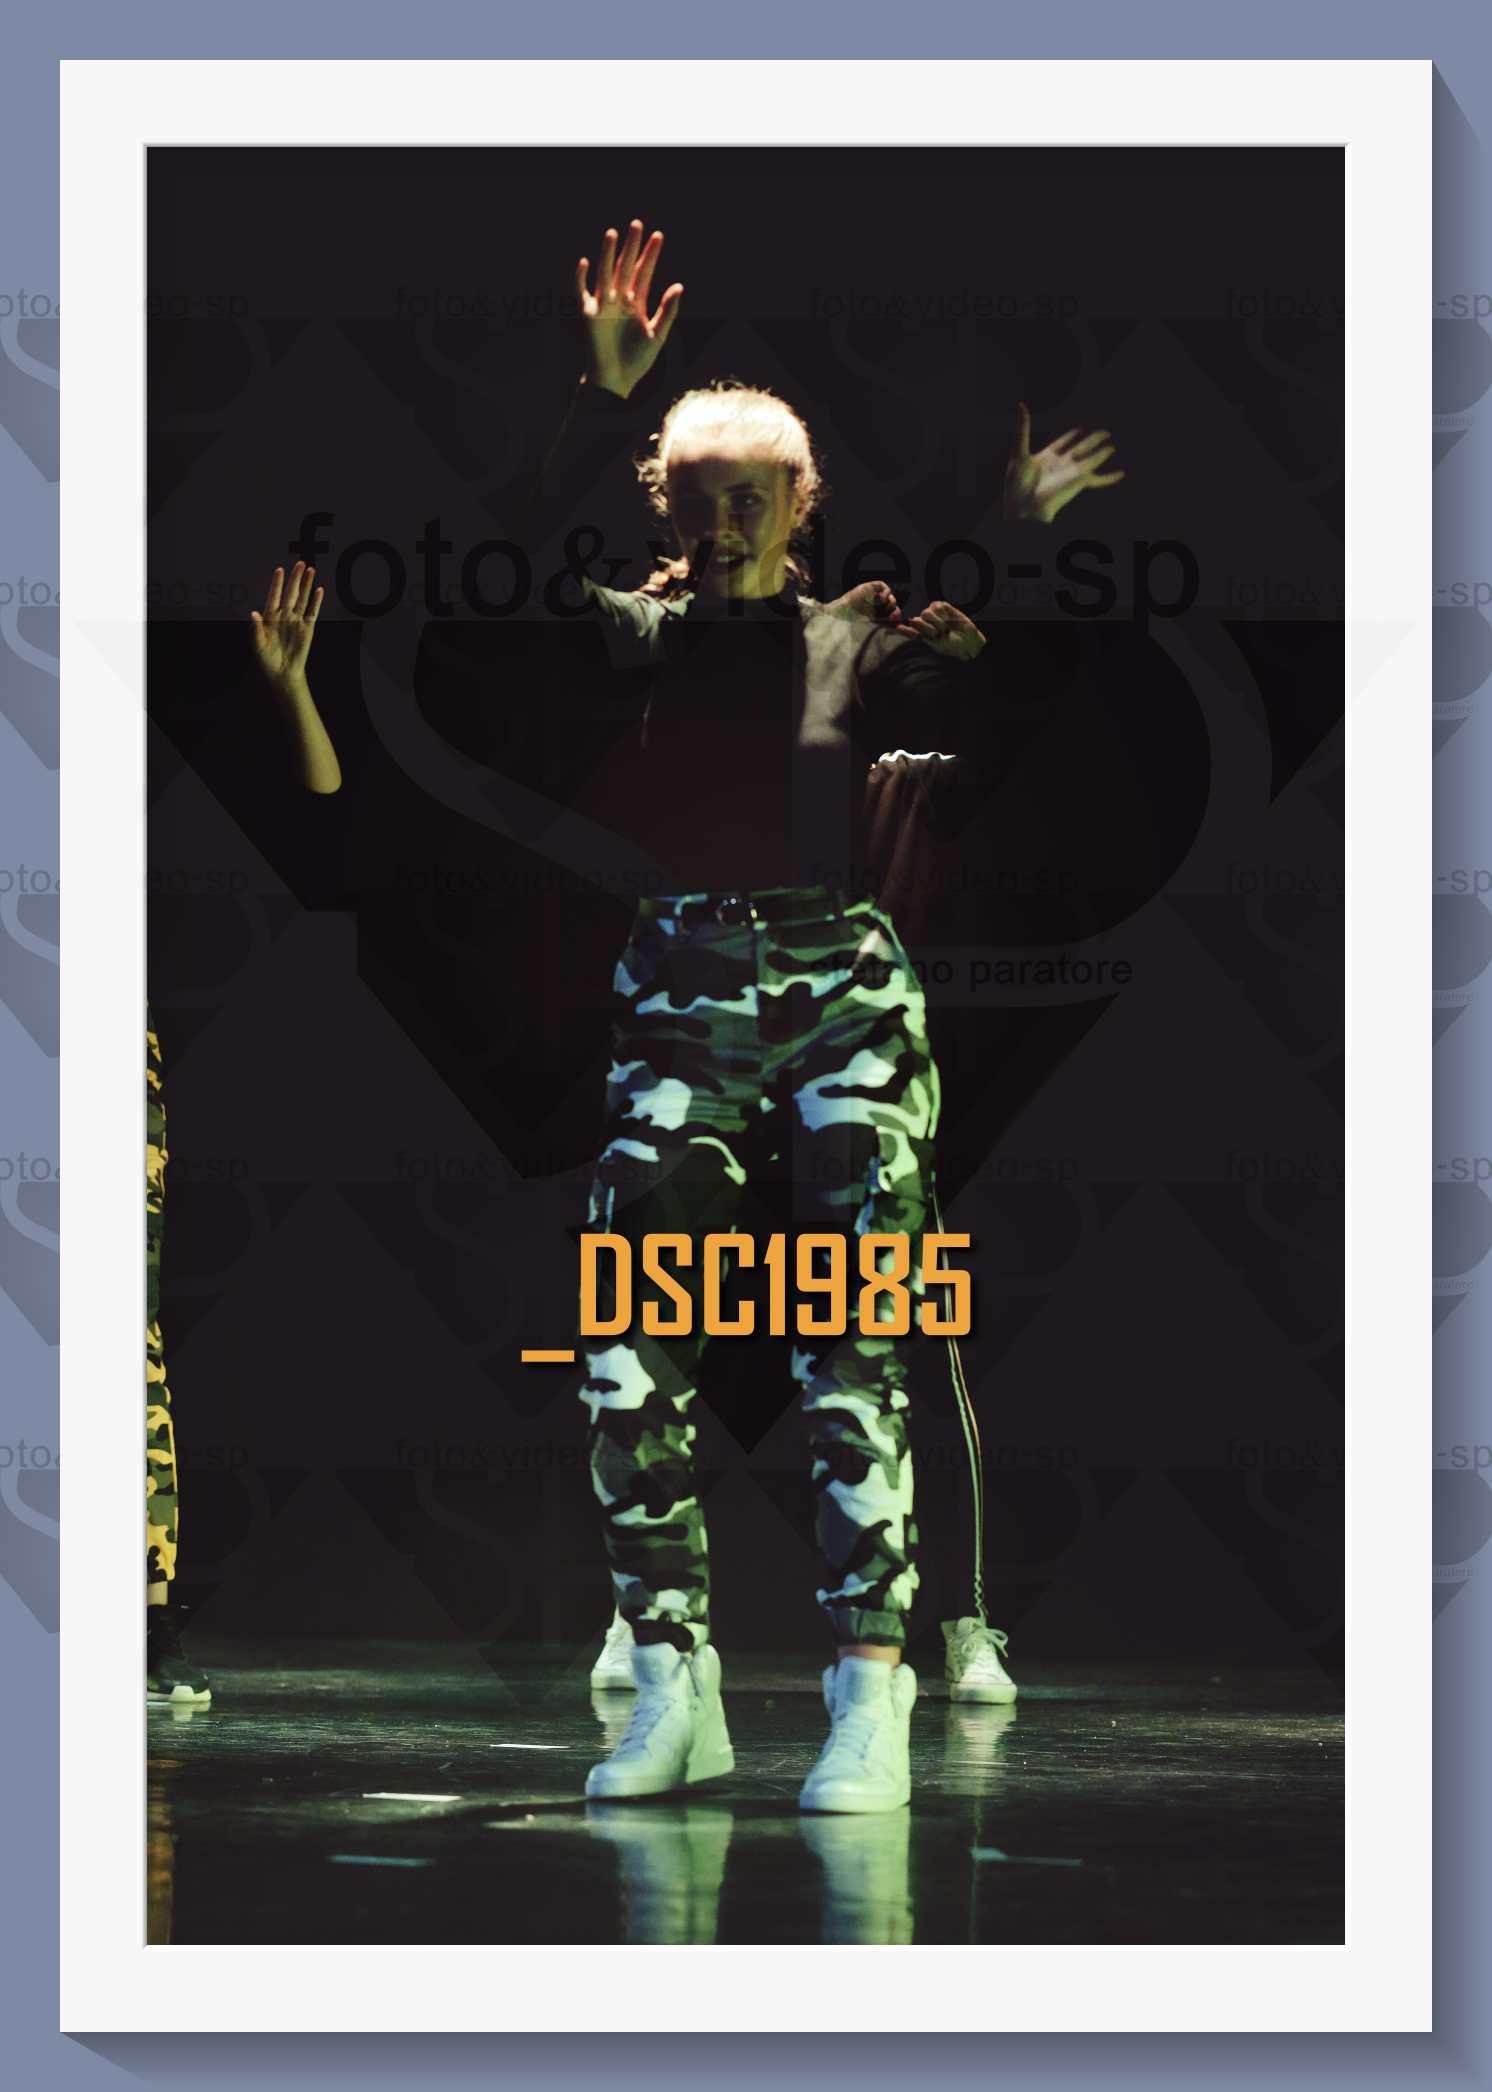 DSC1985